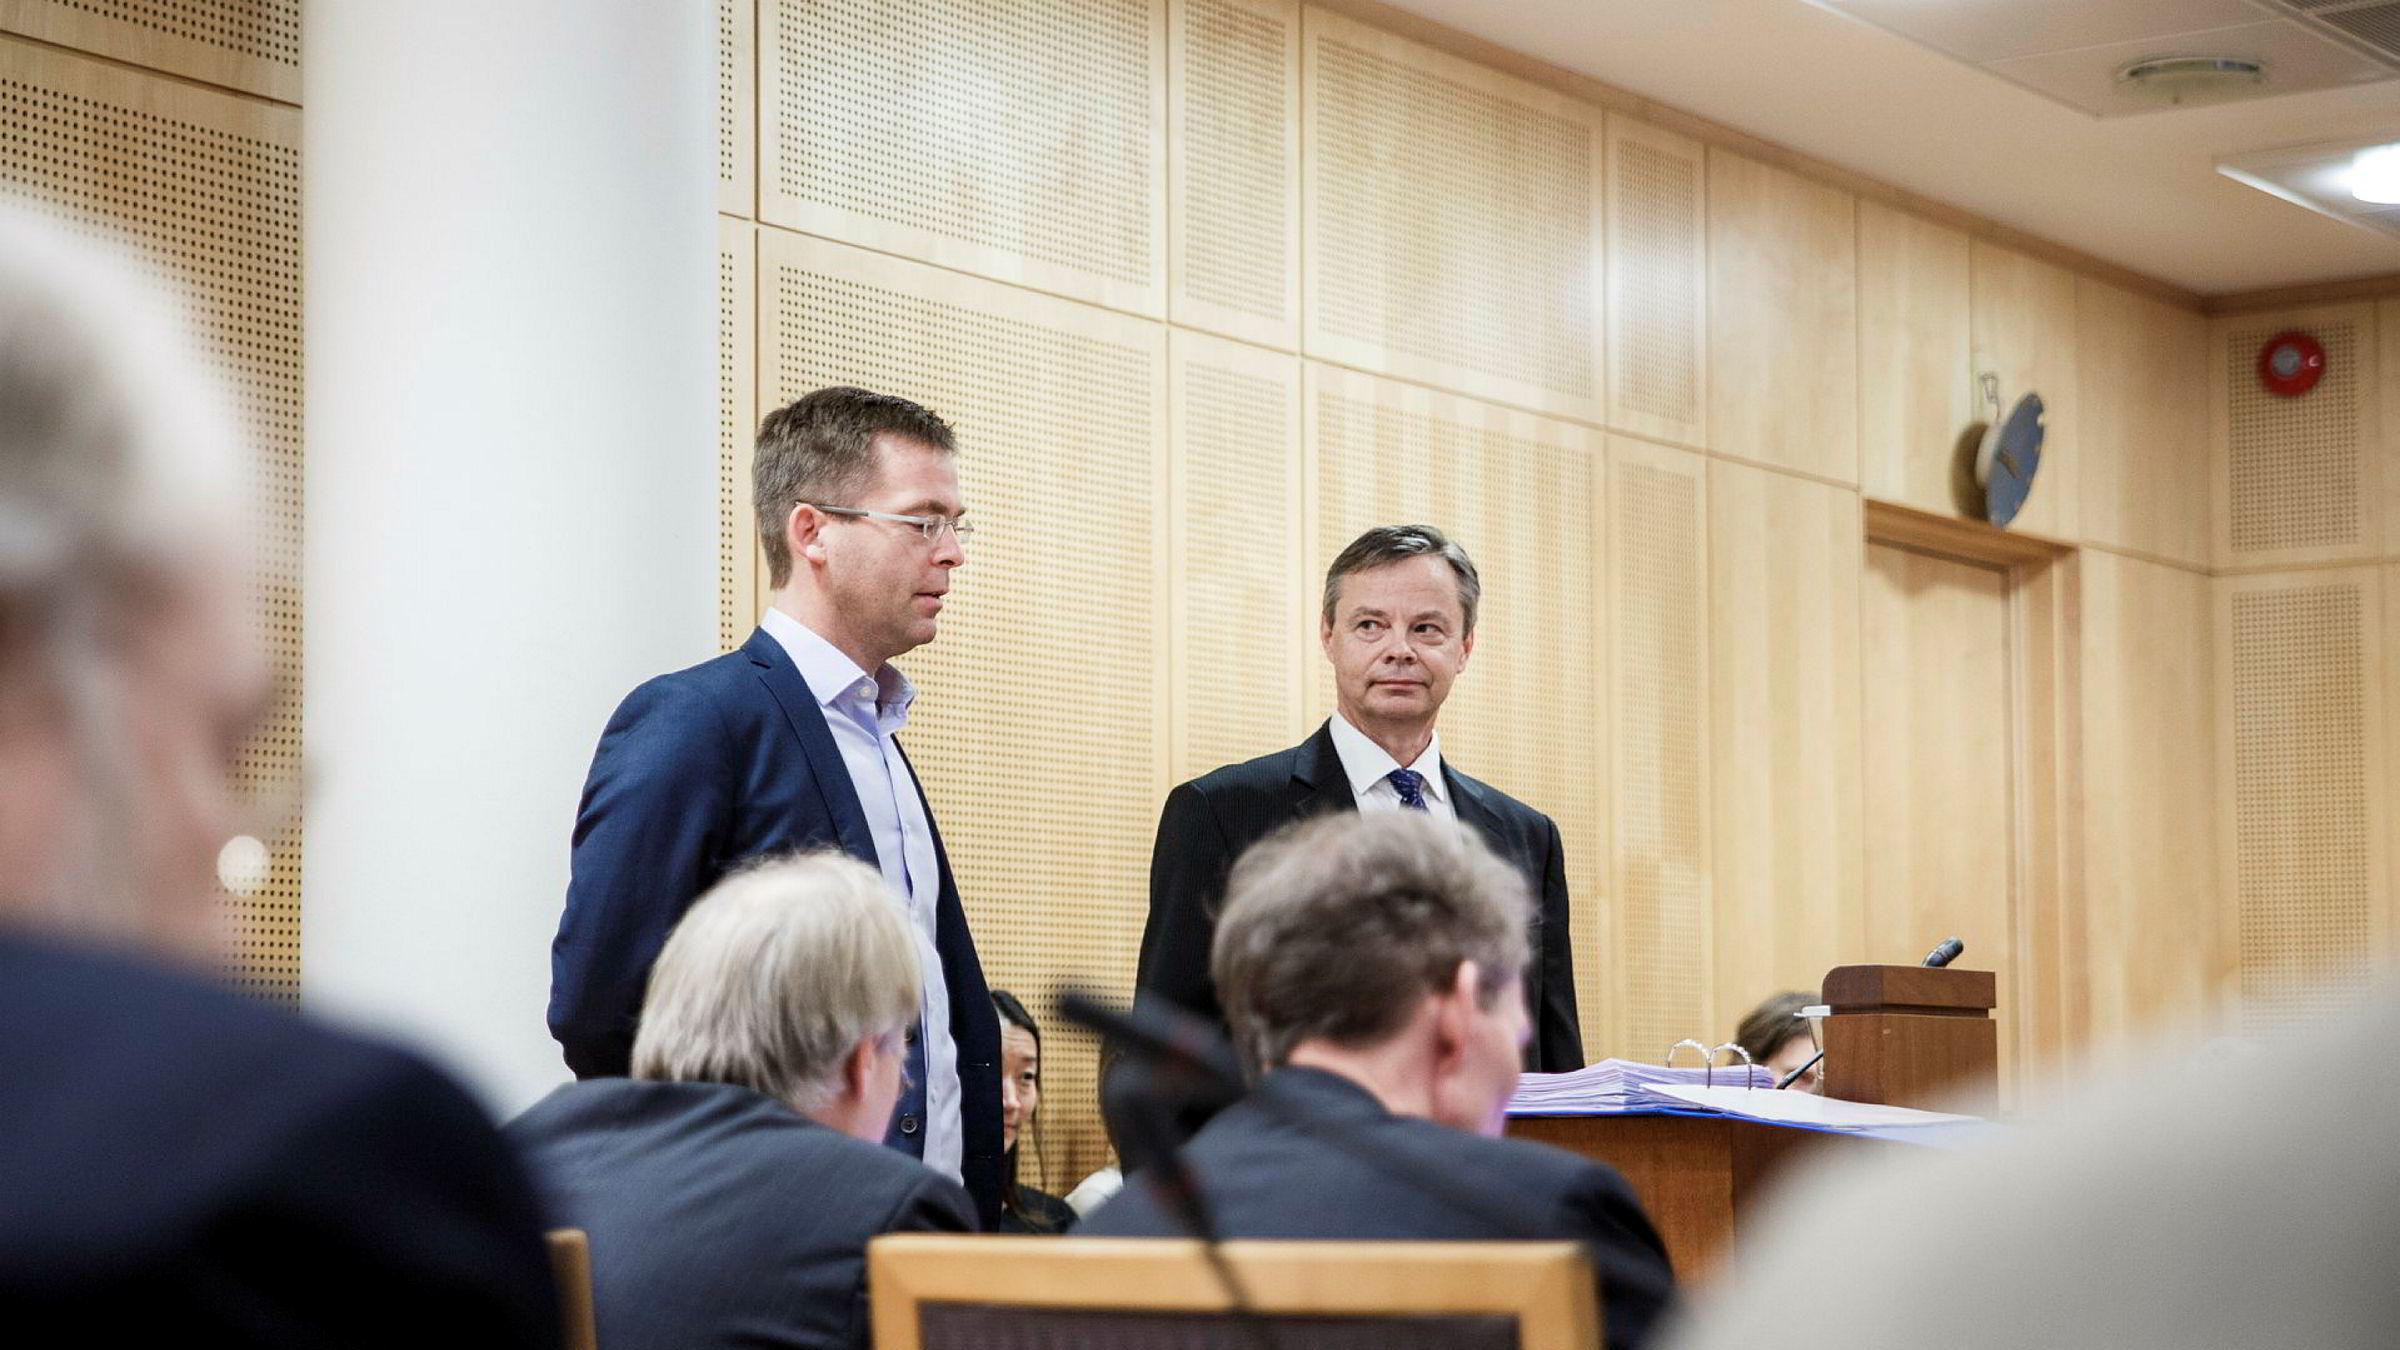 Trond Døskeland (fra venstre) og Petter Bjerksund fra NHH er sakkyndige for Forbrukerrådet i saken mot DNB.